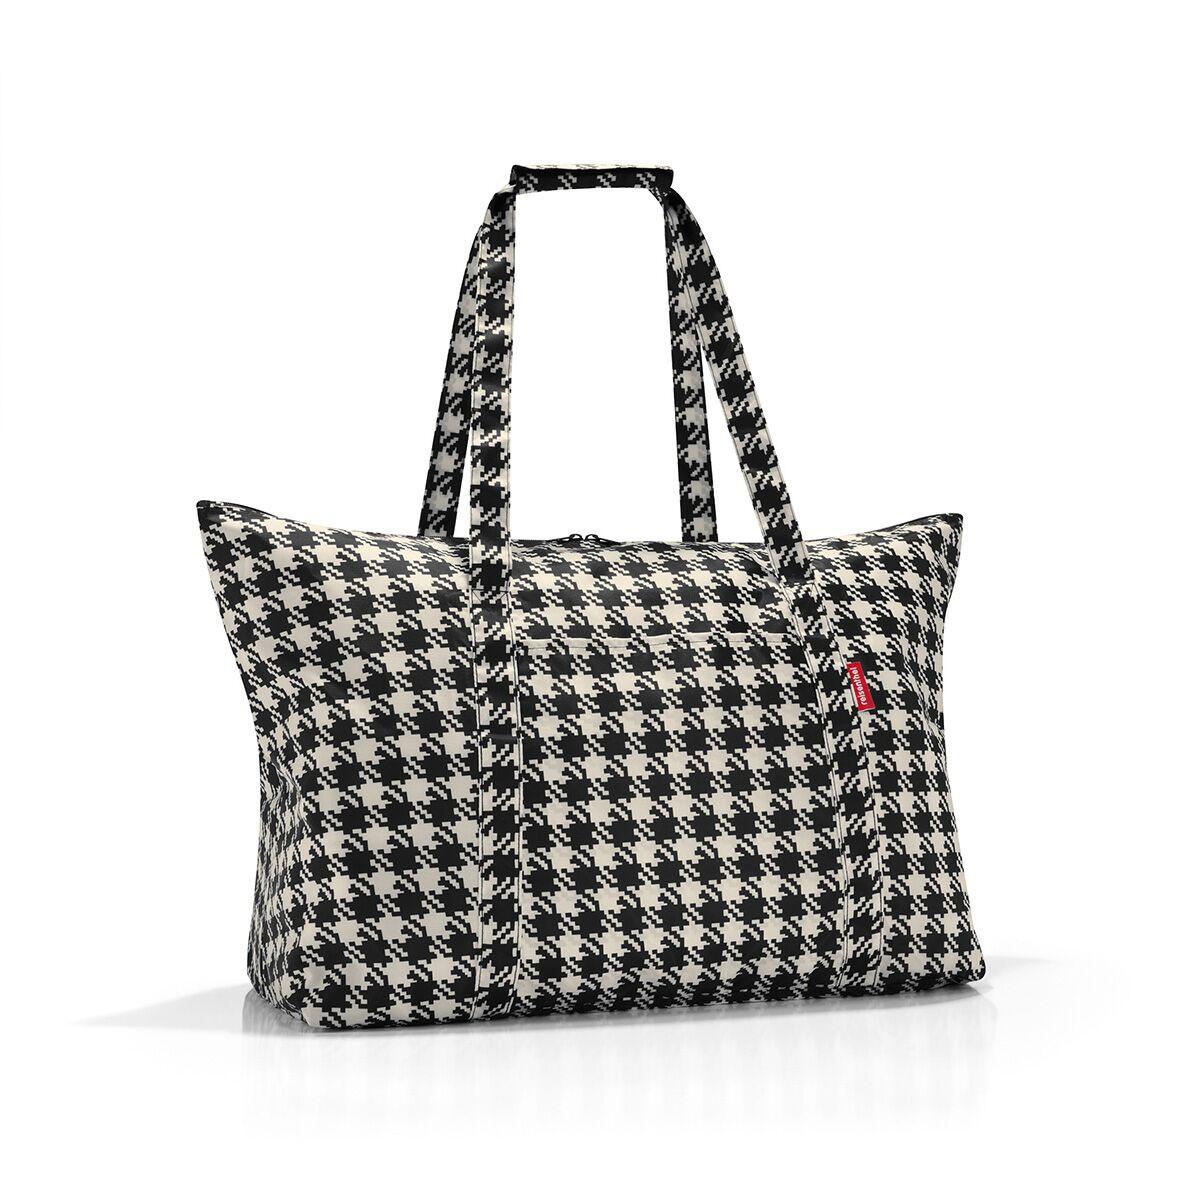 Сумка дорожная женская Reisenthel, цвет: черный. AG7028TD-531-3/1Идеальный компаньон для путешествий, ведь из поездки мы всегда возвращаемся со множеством сувениров и покупок. Так что еще одна сумка пригодится. Она легко складывается в маленький чехол, которые можно взять с собой в сумке или рюкзаке. Так же можно использовать для похода за продуктами.Внутренний объем сумки - 30 литров. Есть внешний кармашек для мелочей. Для удобства ручки сумки можно соединить между собой.